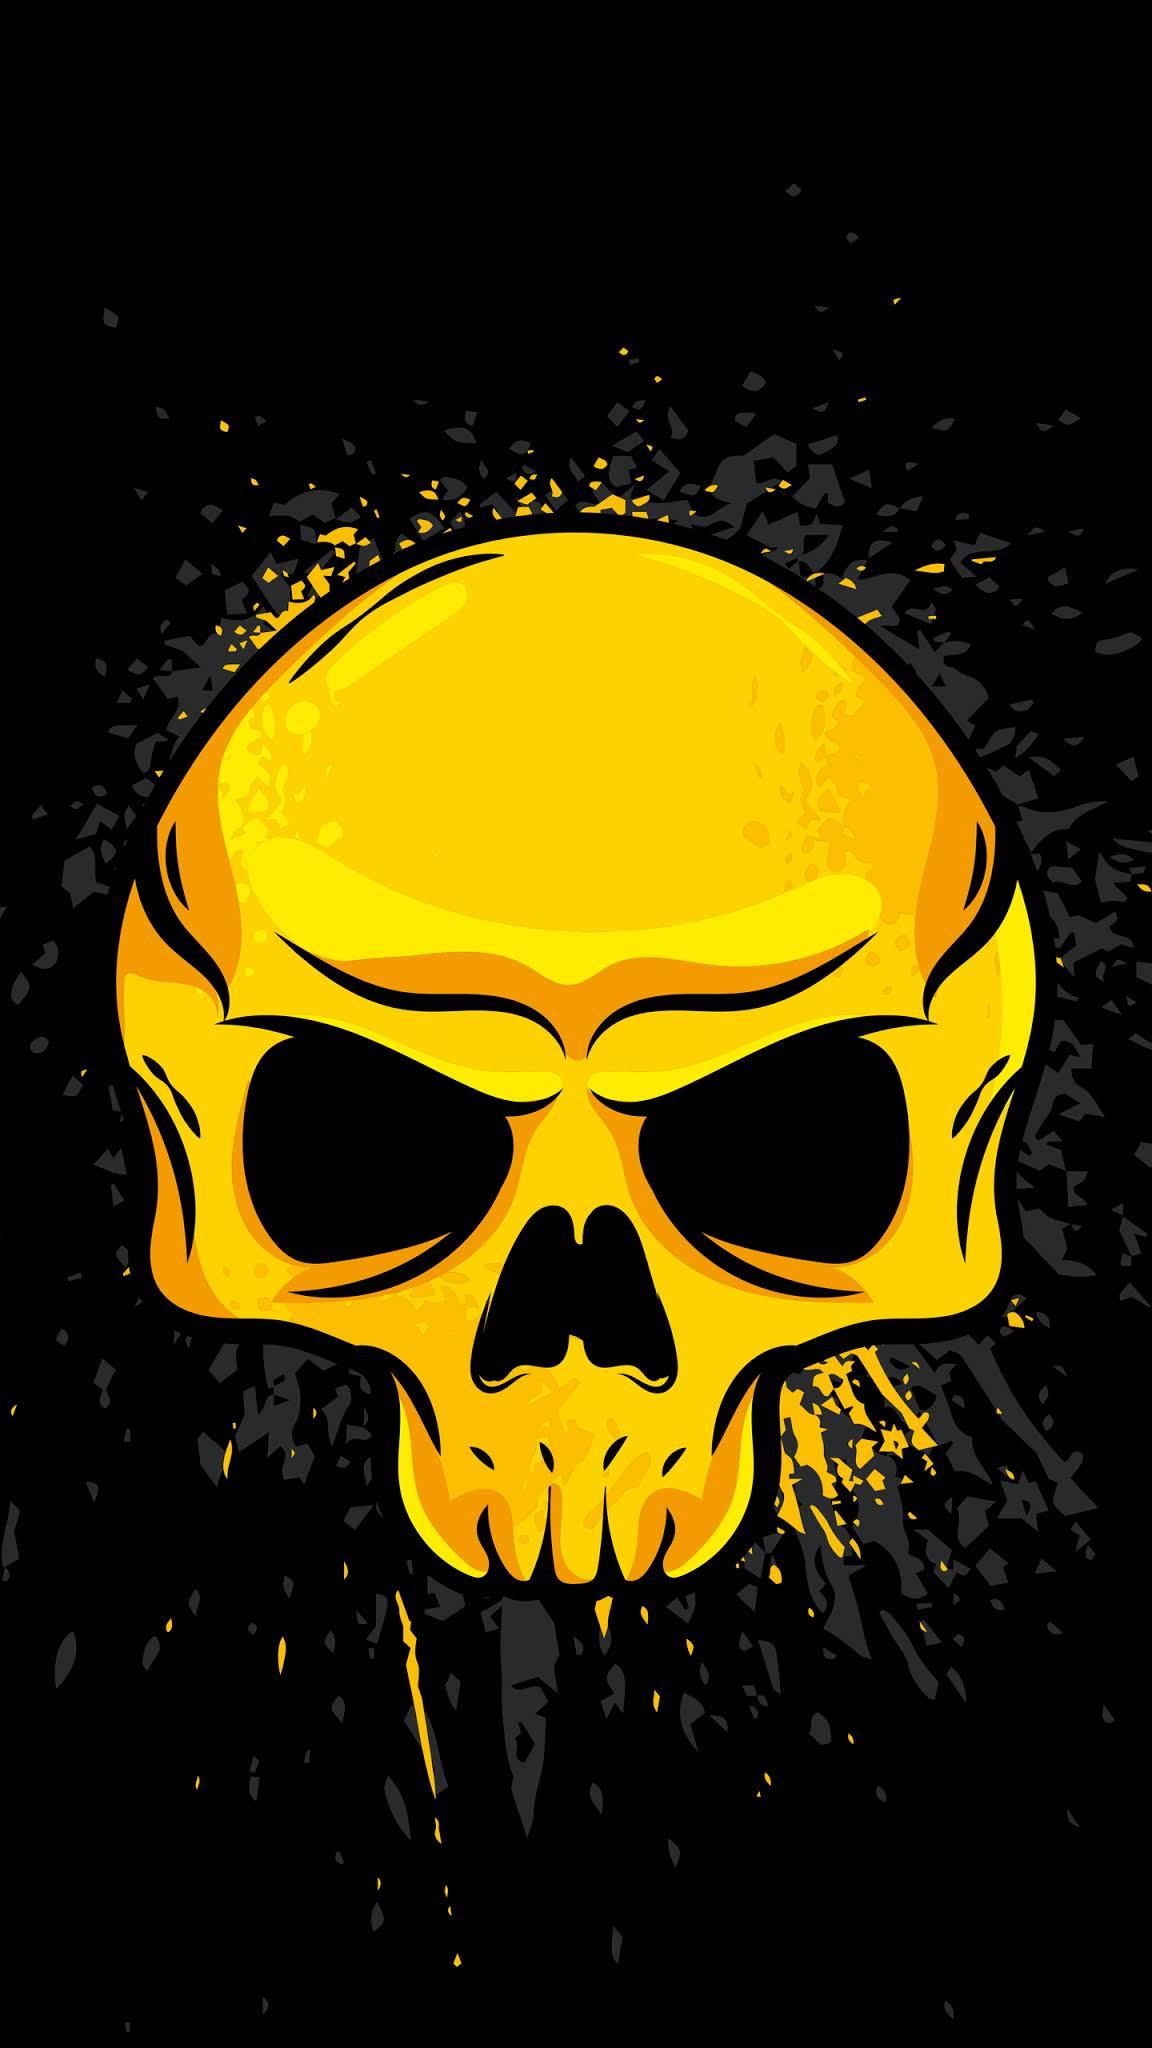 Gold skull Minimalist Mobile Wallpaper